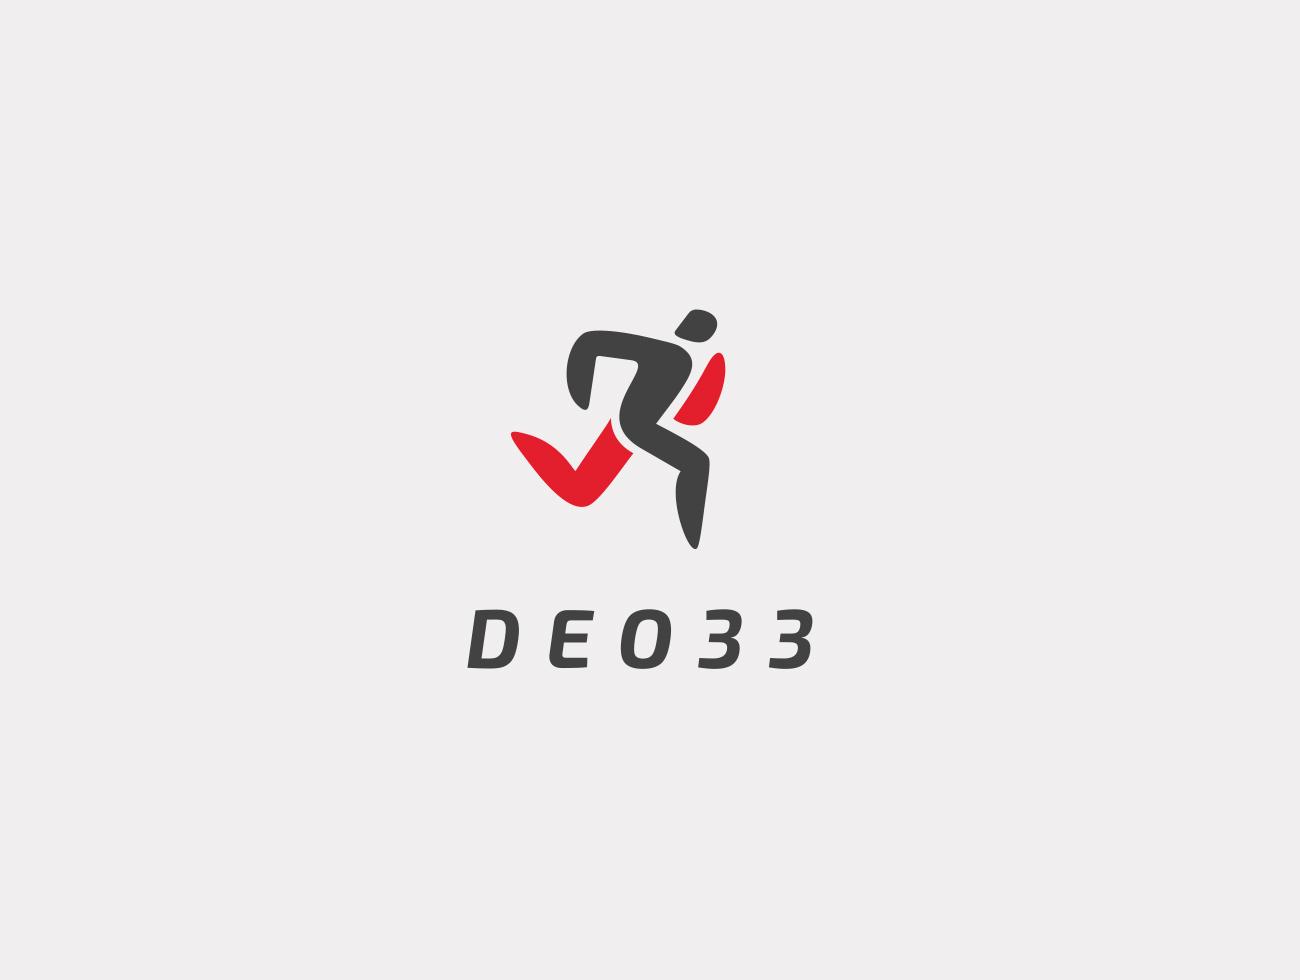 Branding | Deo33 03